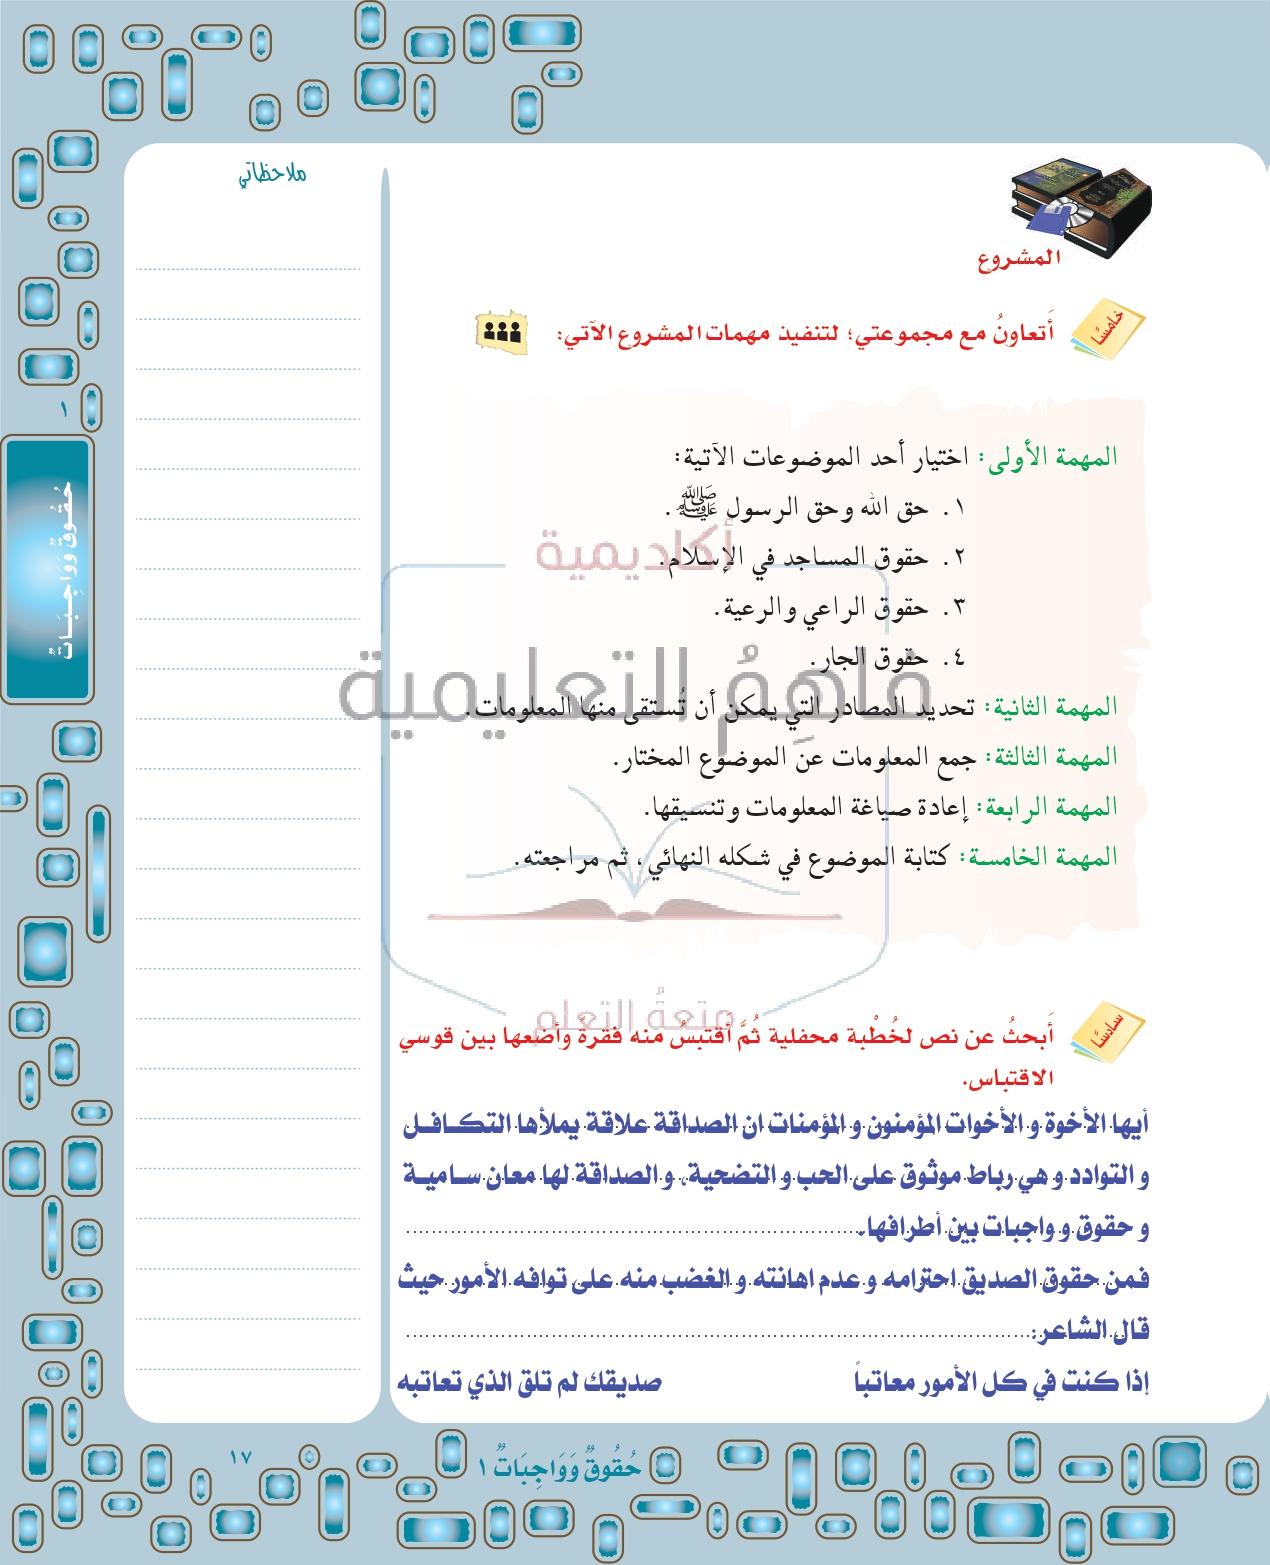 حل لغتي ثالث متوسط الوحدة الأولى حقوق وواجبات صفحة 12 102